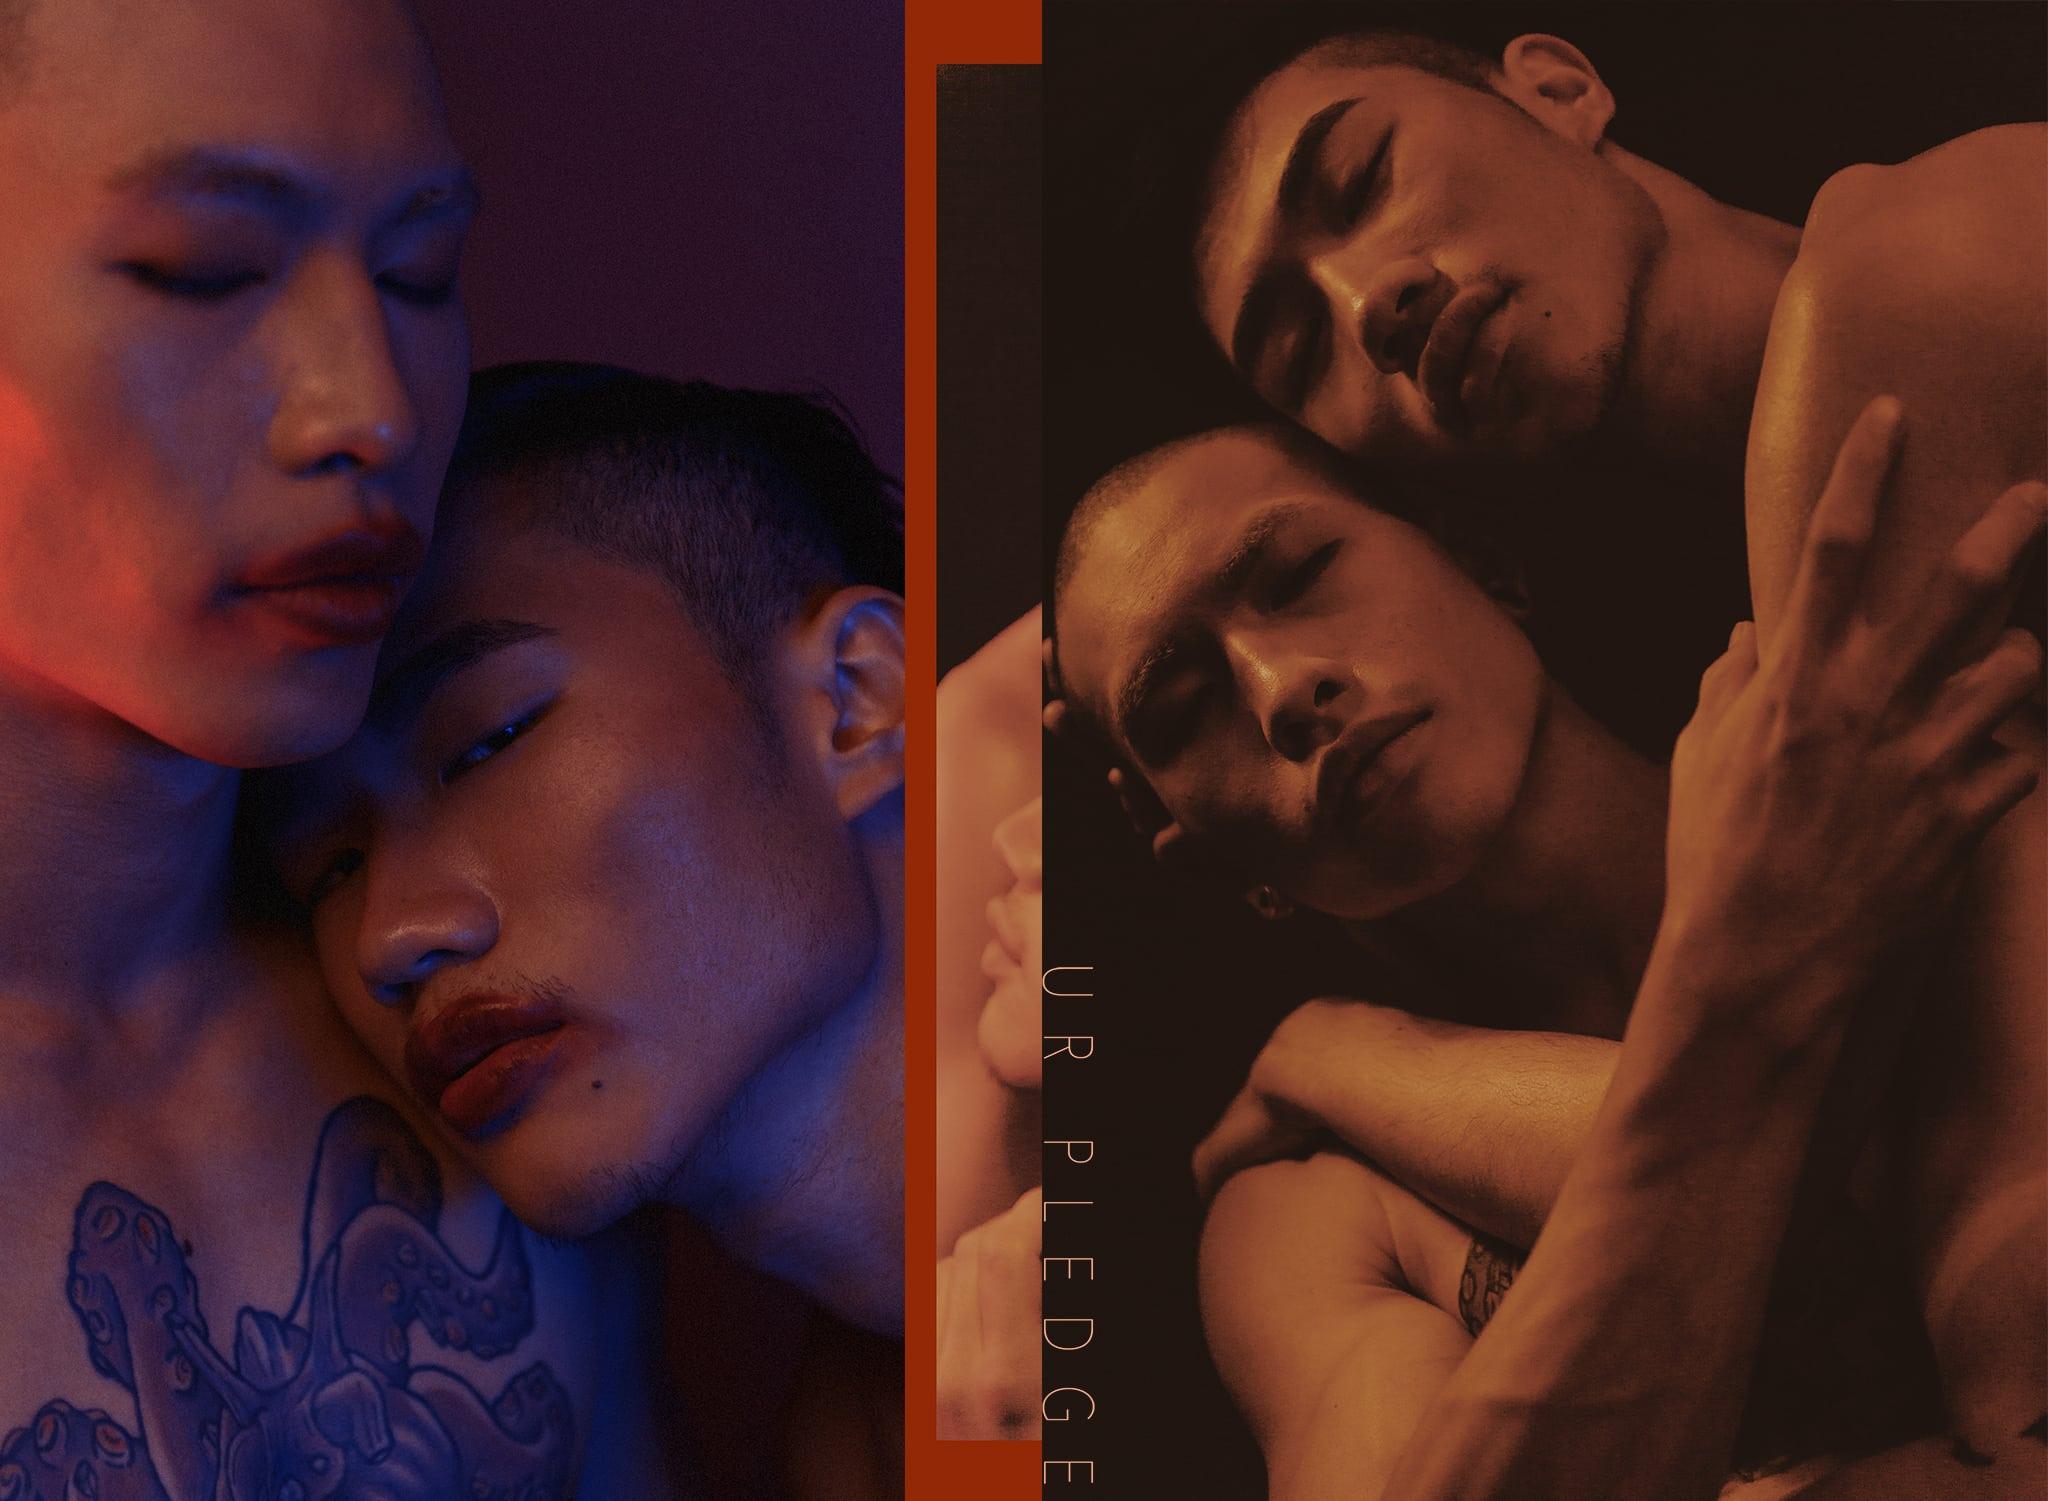 創作影像特輯(4) 閨蜜|同性|彩虹|紅唇